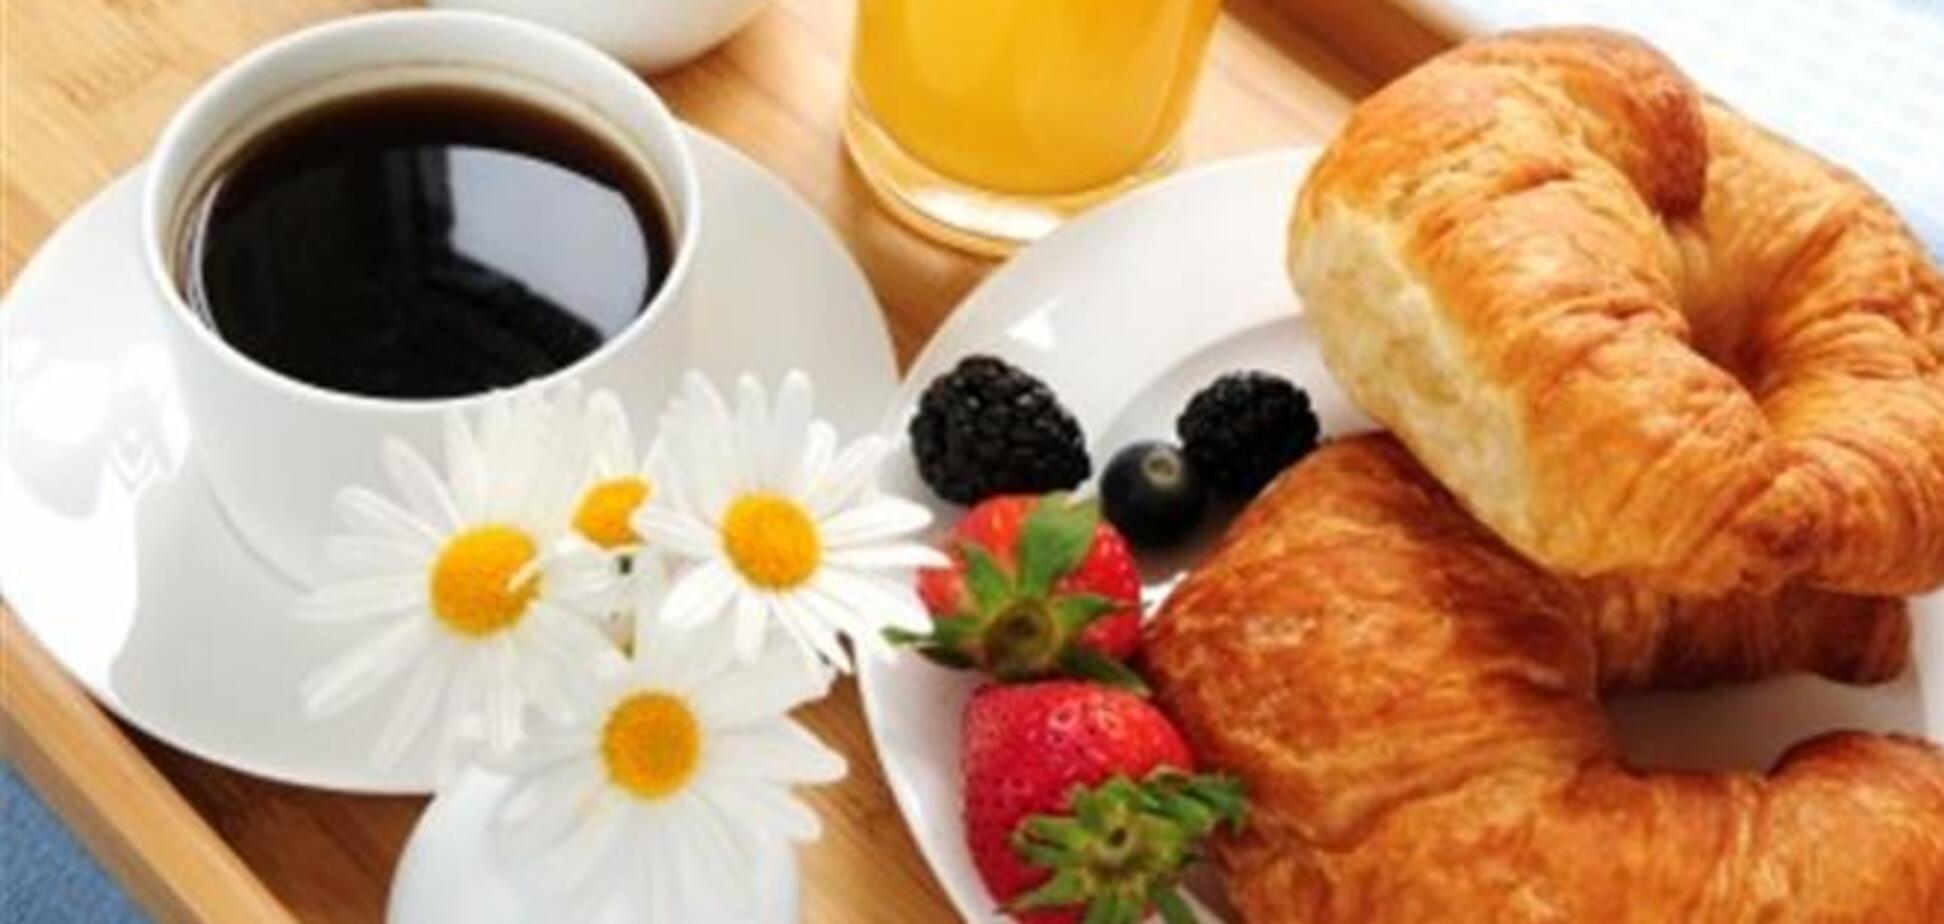 Ранние завтраки в Киеве